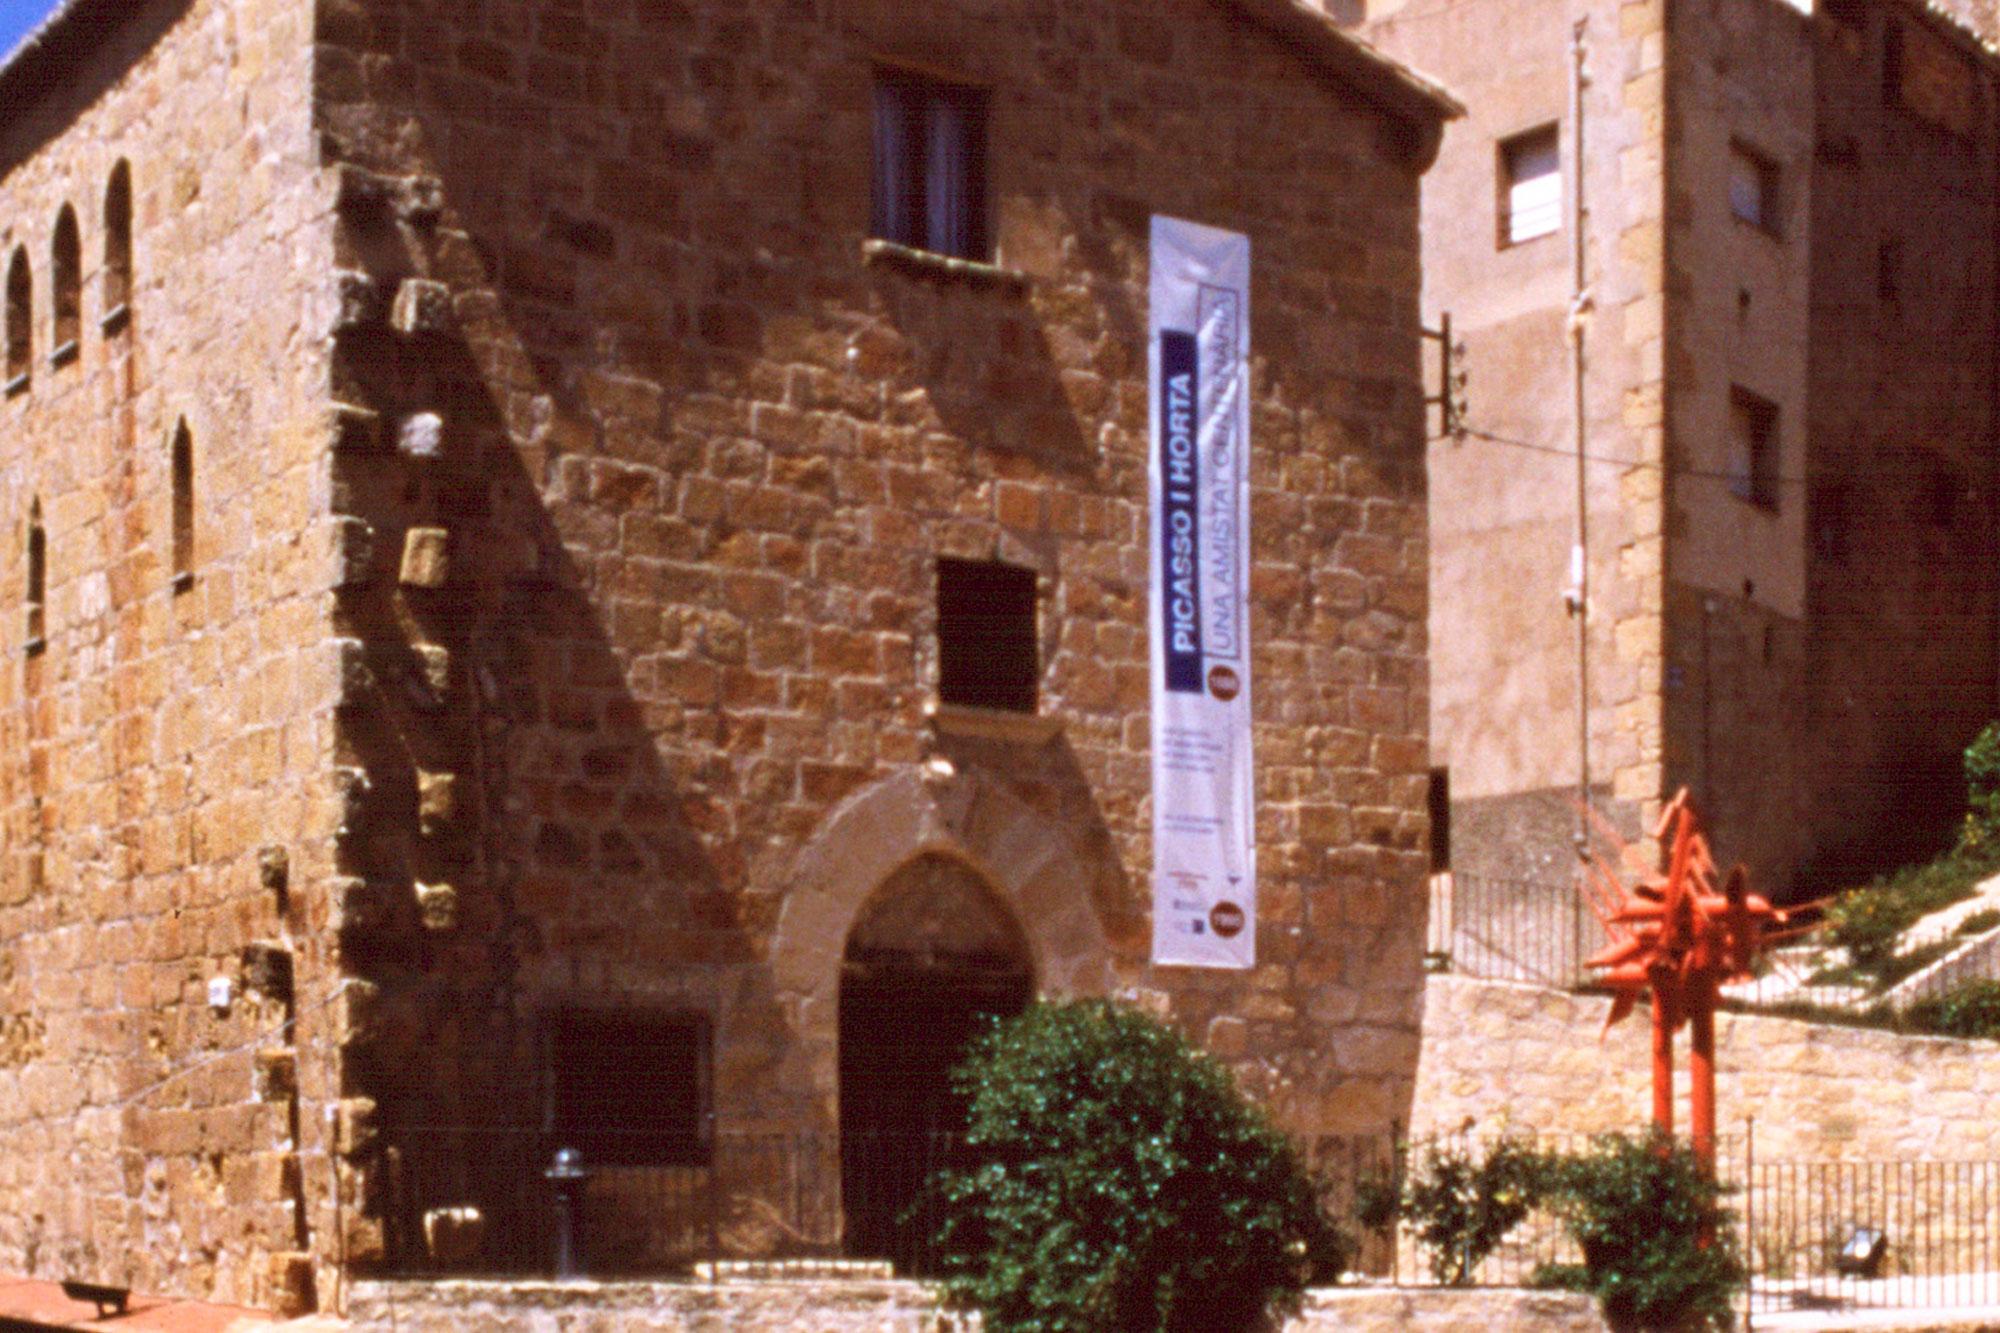 Centre Picasso - Horta de Sant Joan